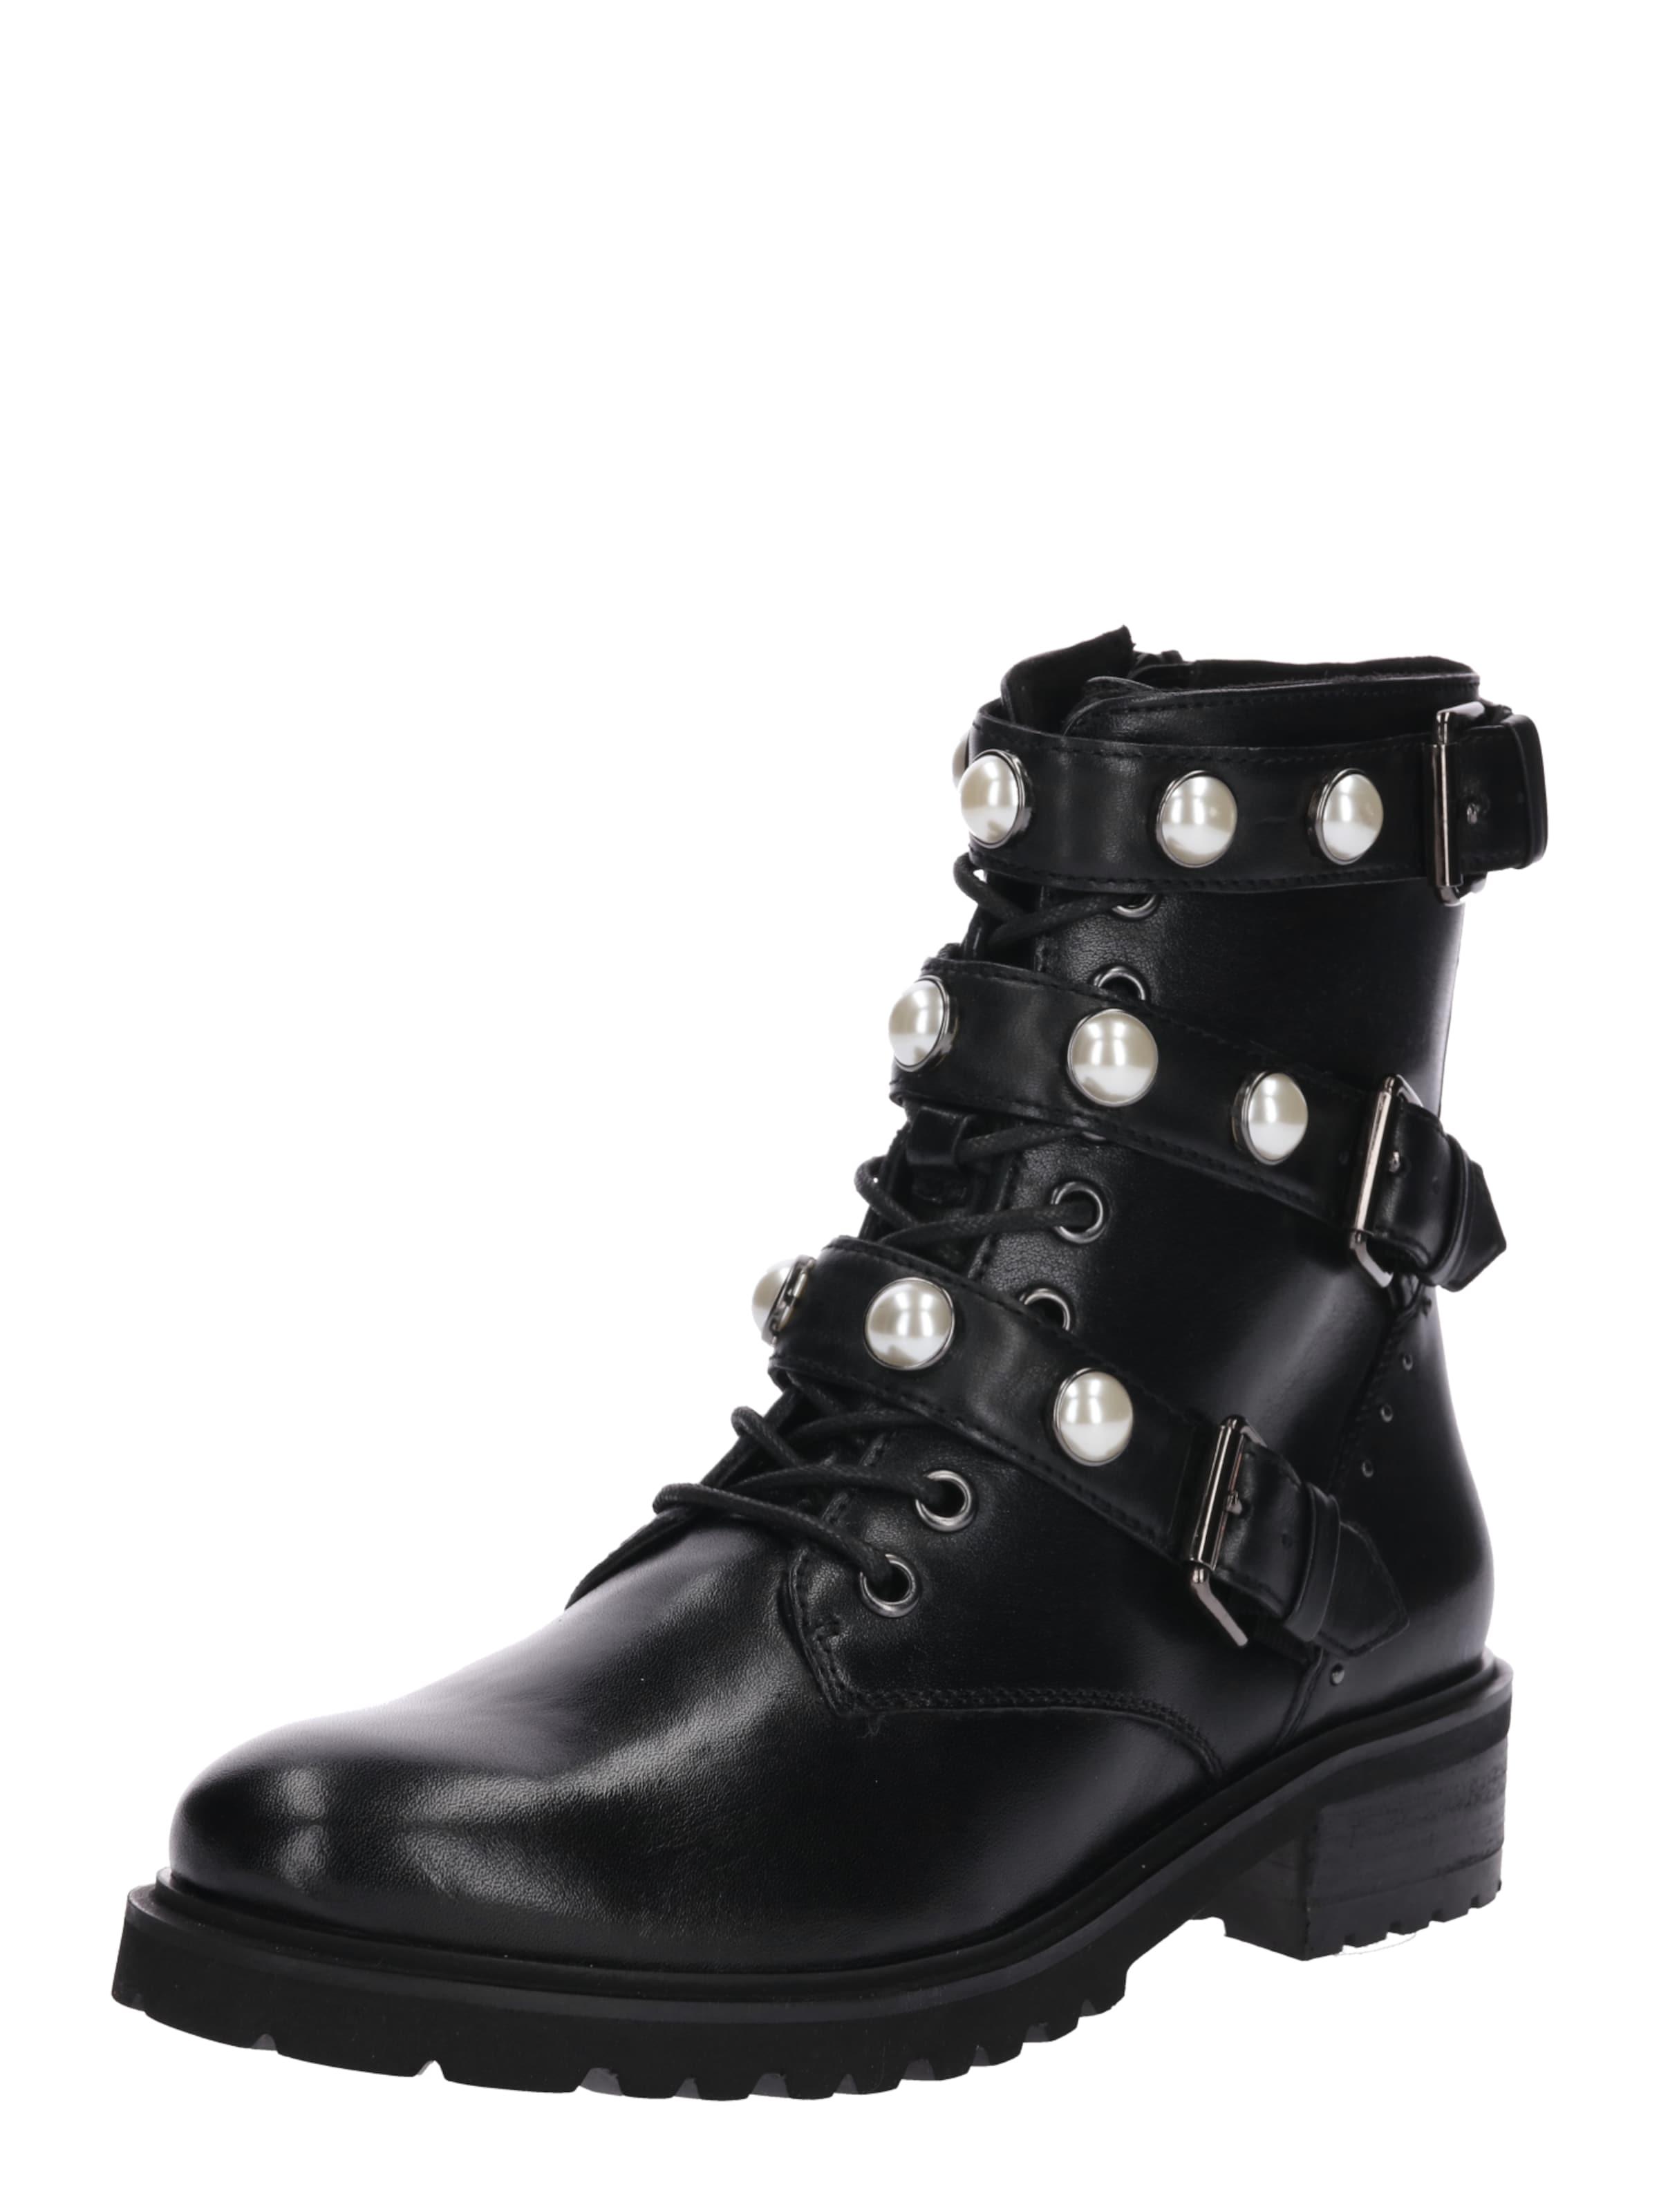 SPM Stiefelette Pearlster Verschleißfeste billige Schuhe